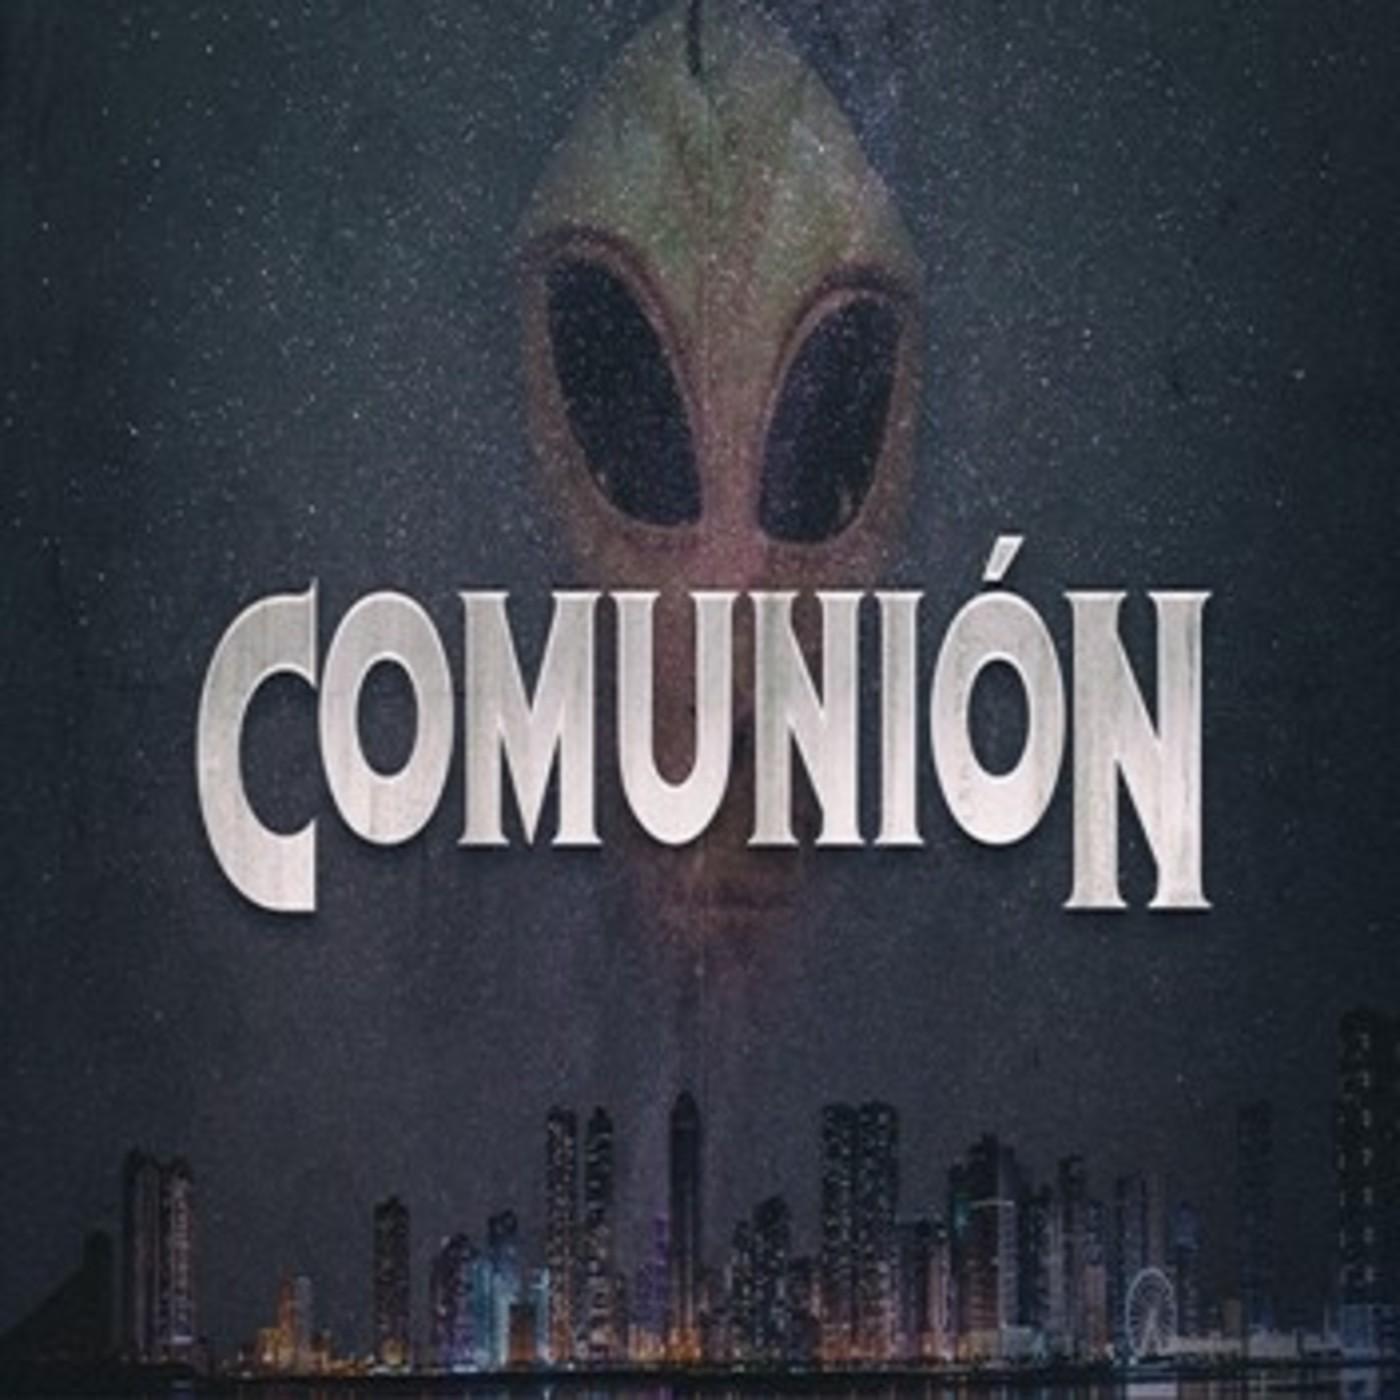 Cuarto Milenio: Communion - Javier Sierra en Cuarto Milenio ...